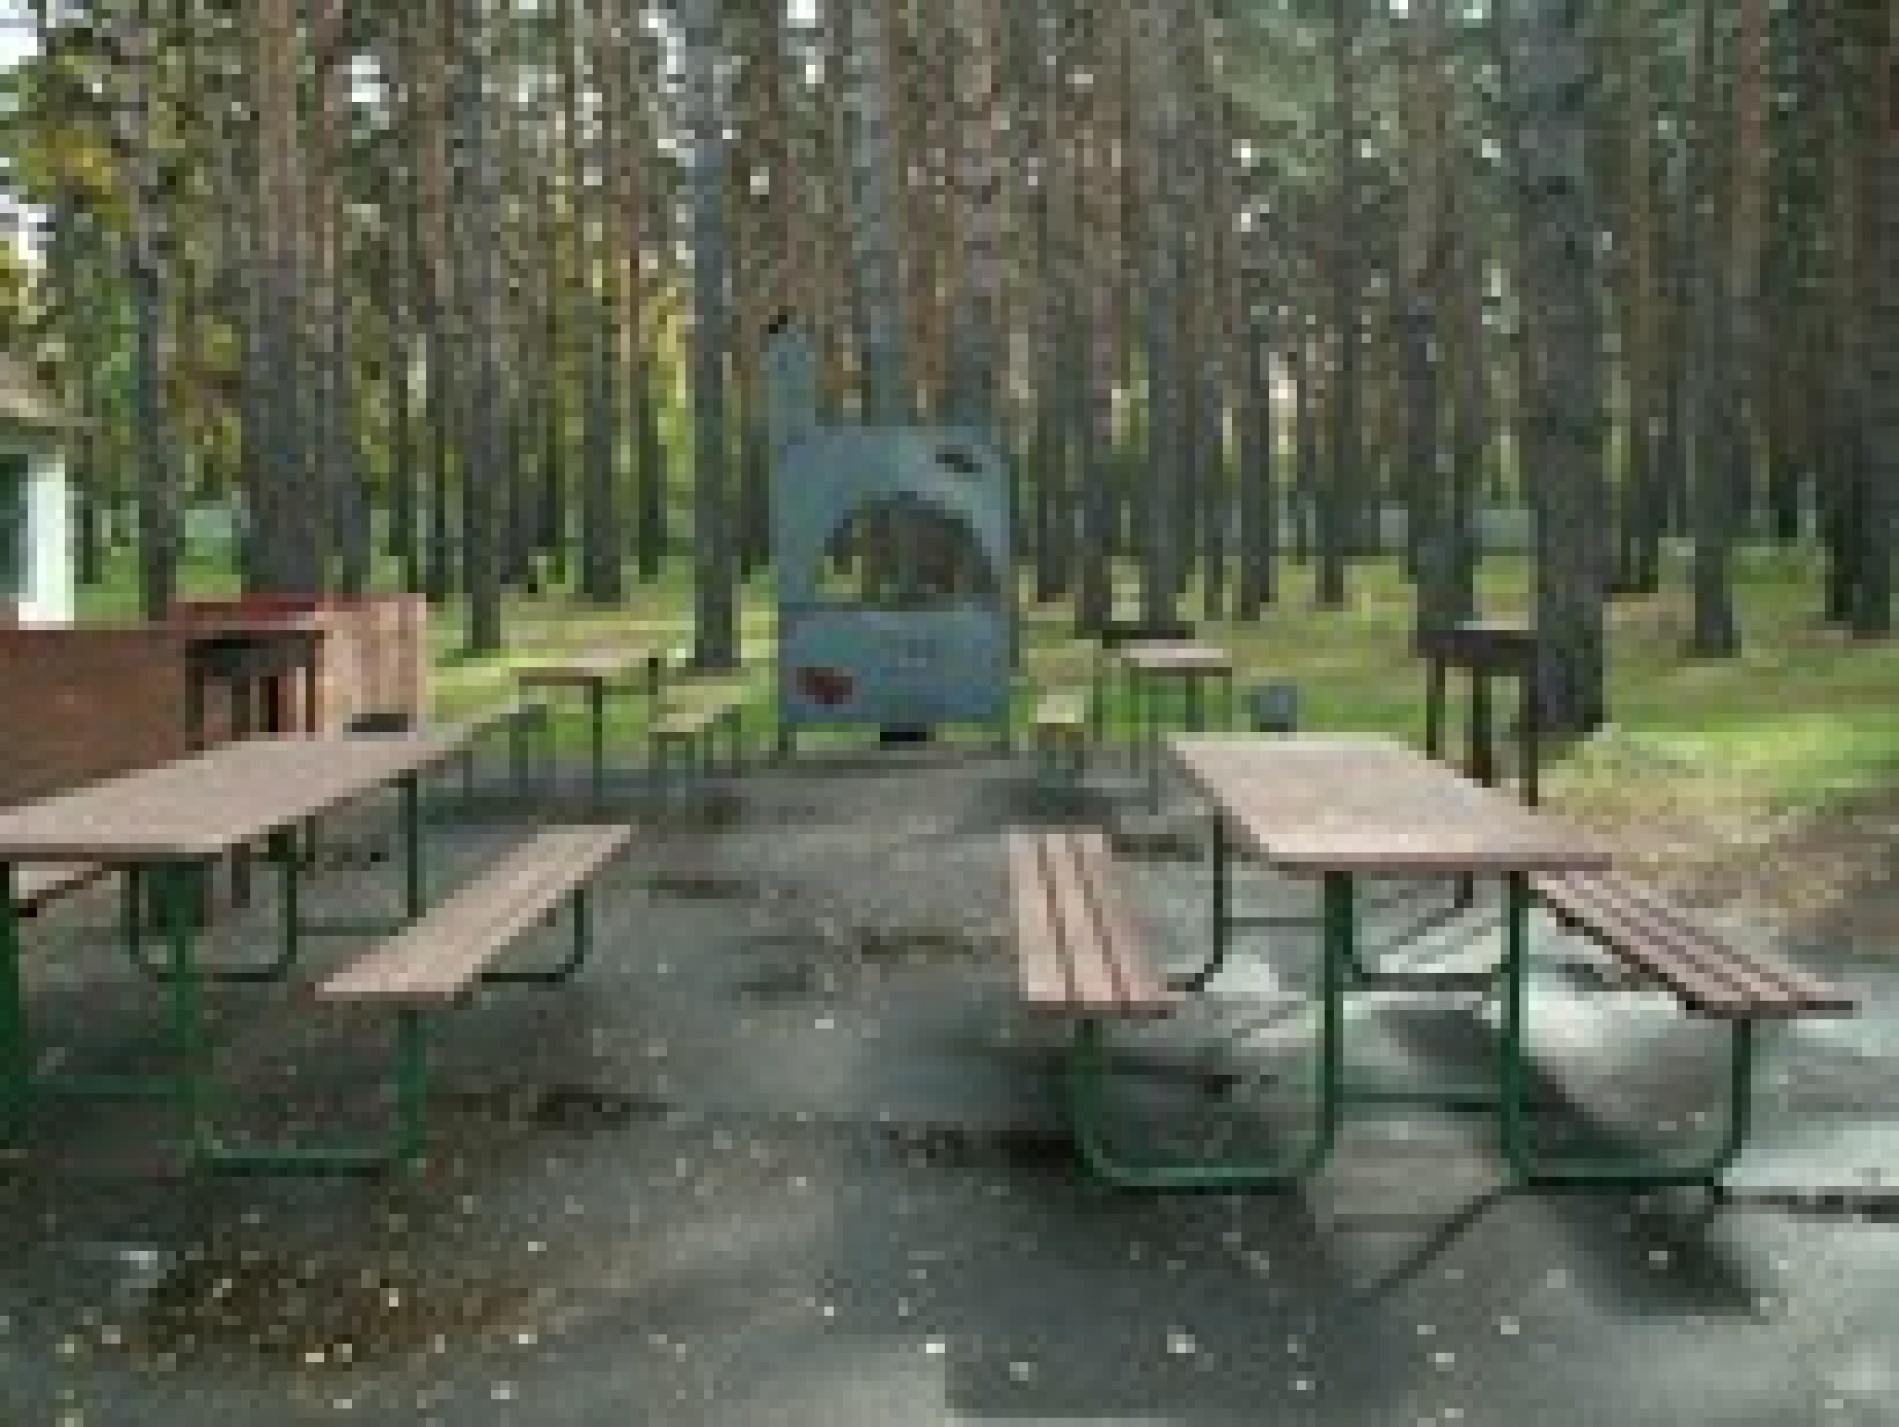 База отдыха им. Стрельникова Омская область, фото 10